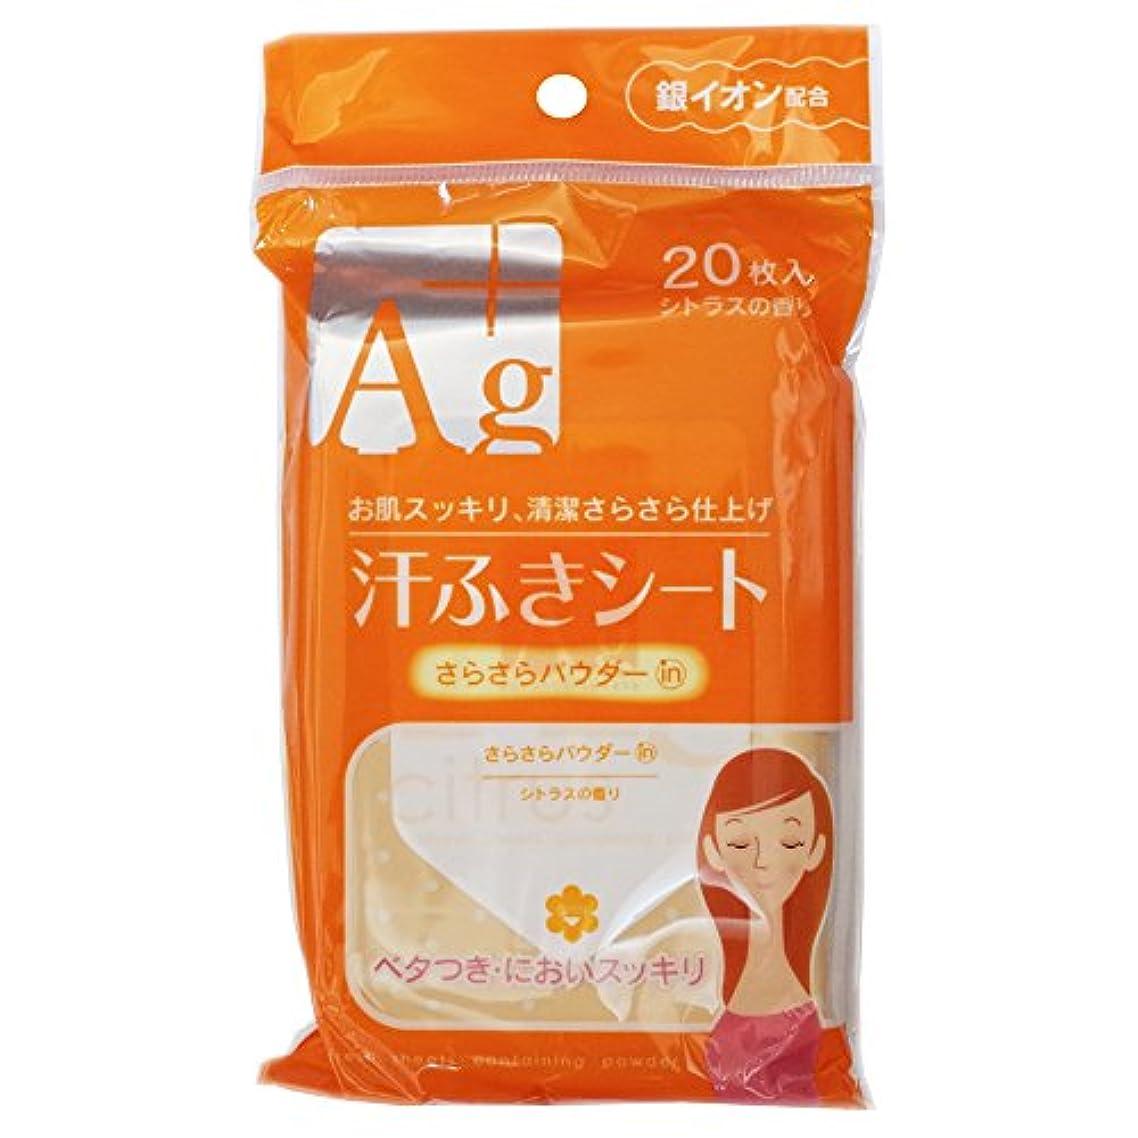 クール別の調整可能昭和紙工 Ag+汗ふきシート 20枚 シトラス